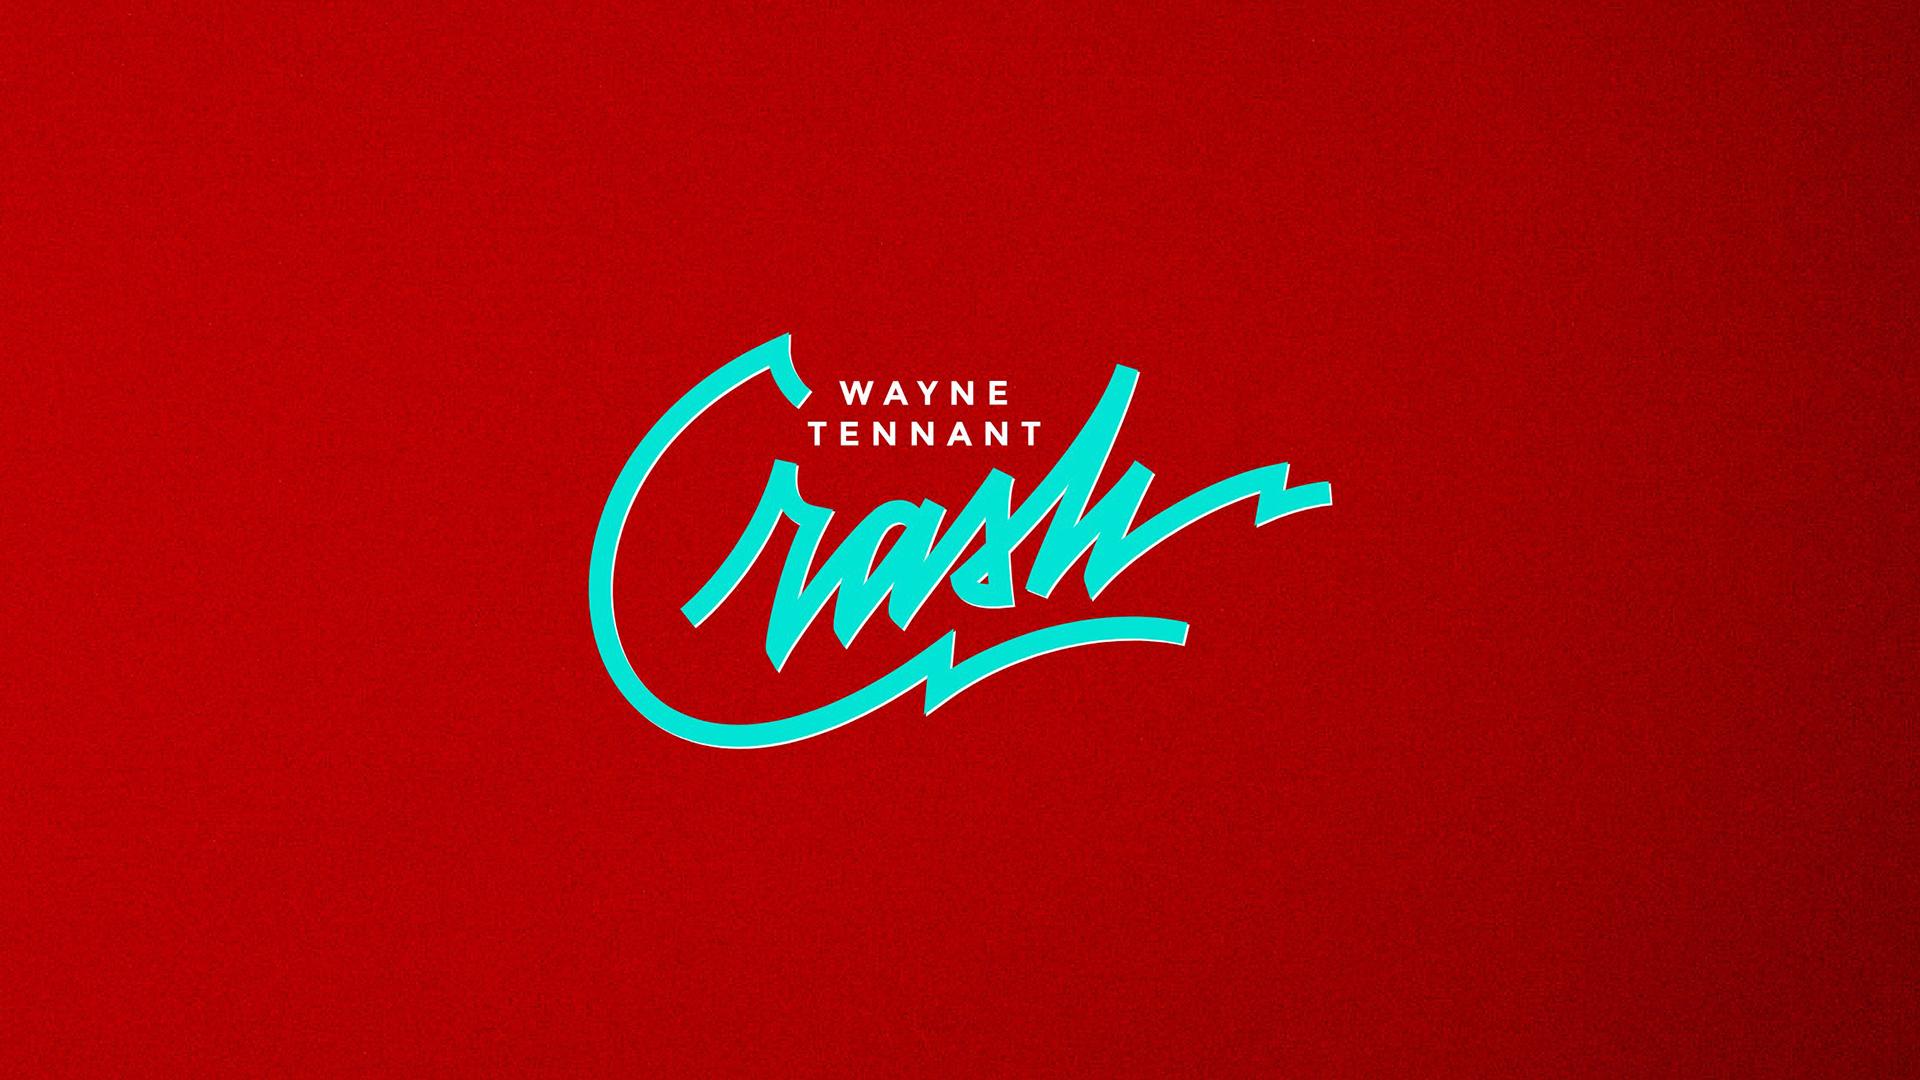 Wayne Tennant